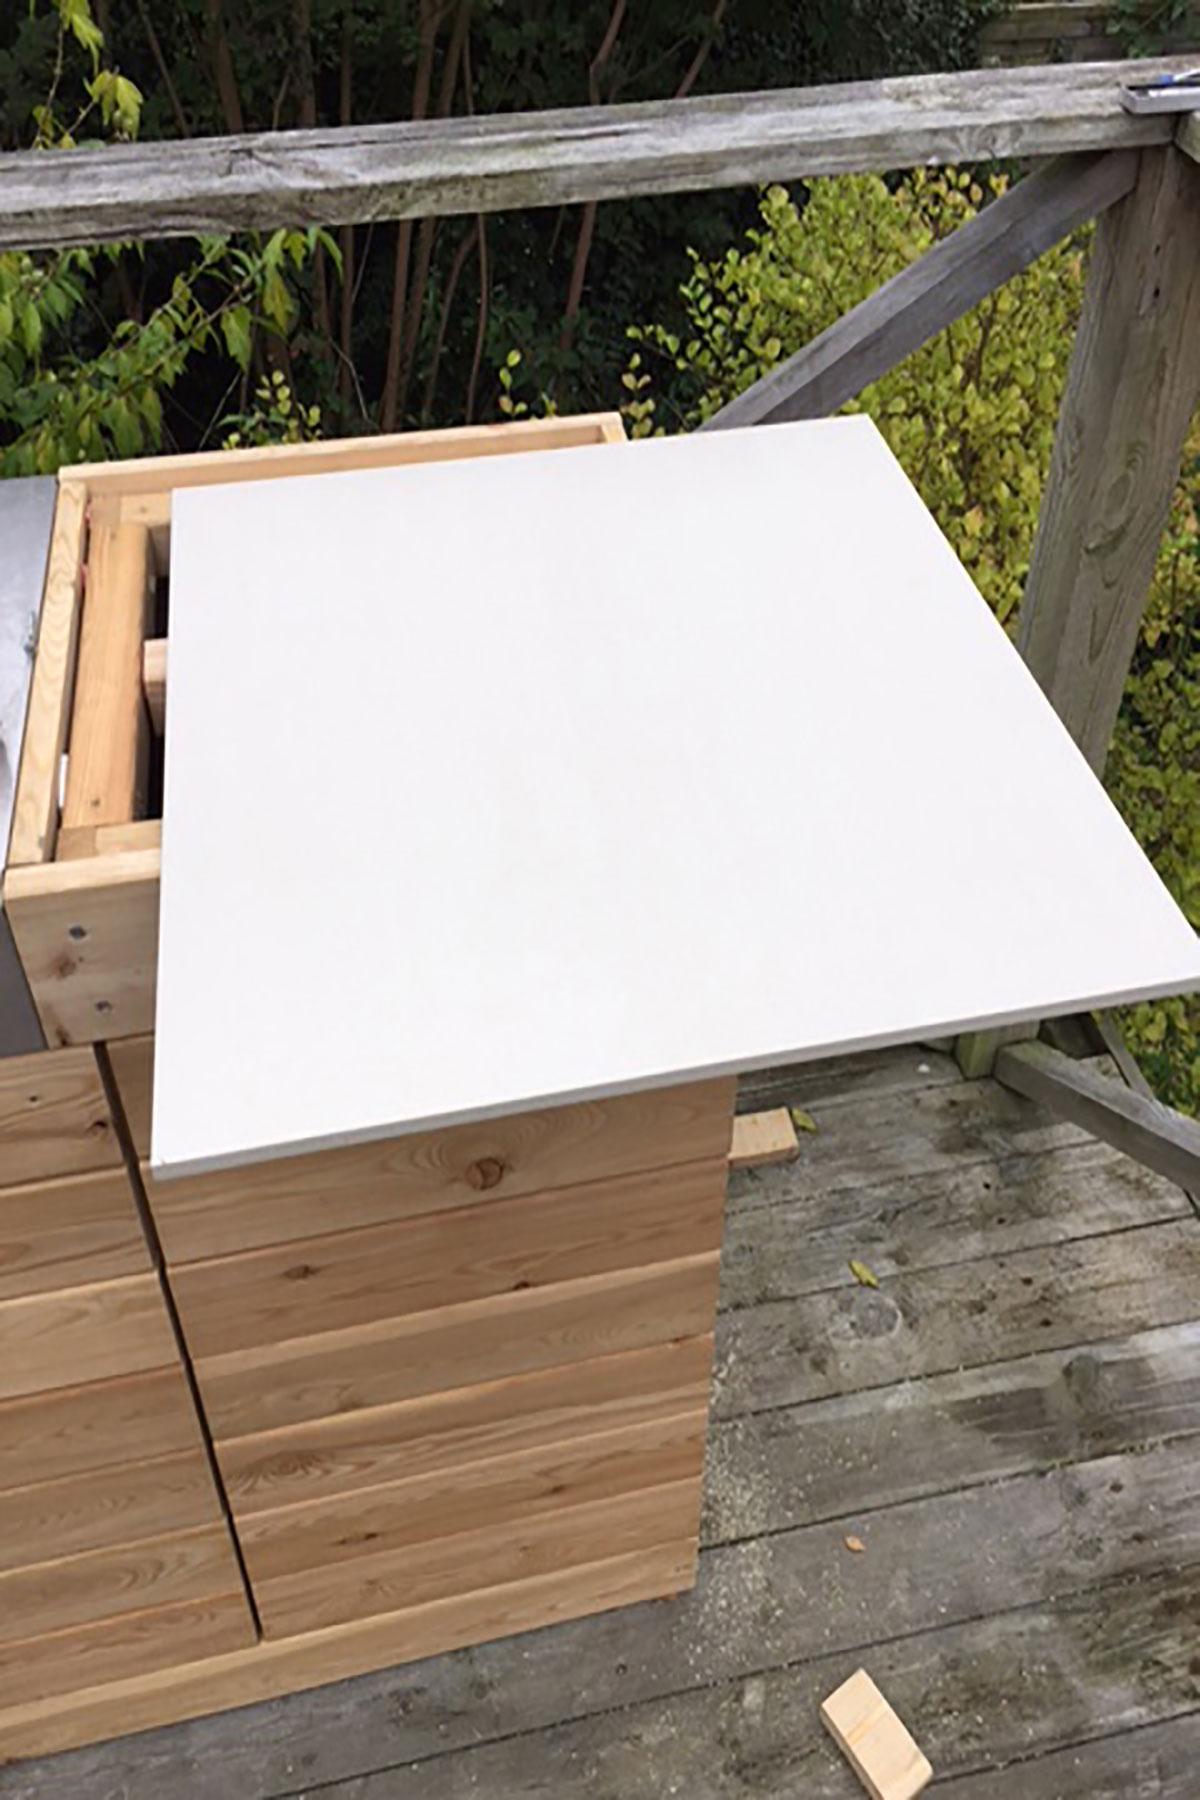 Montering af flisebordsplade